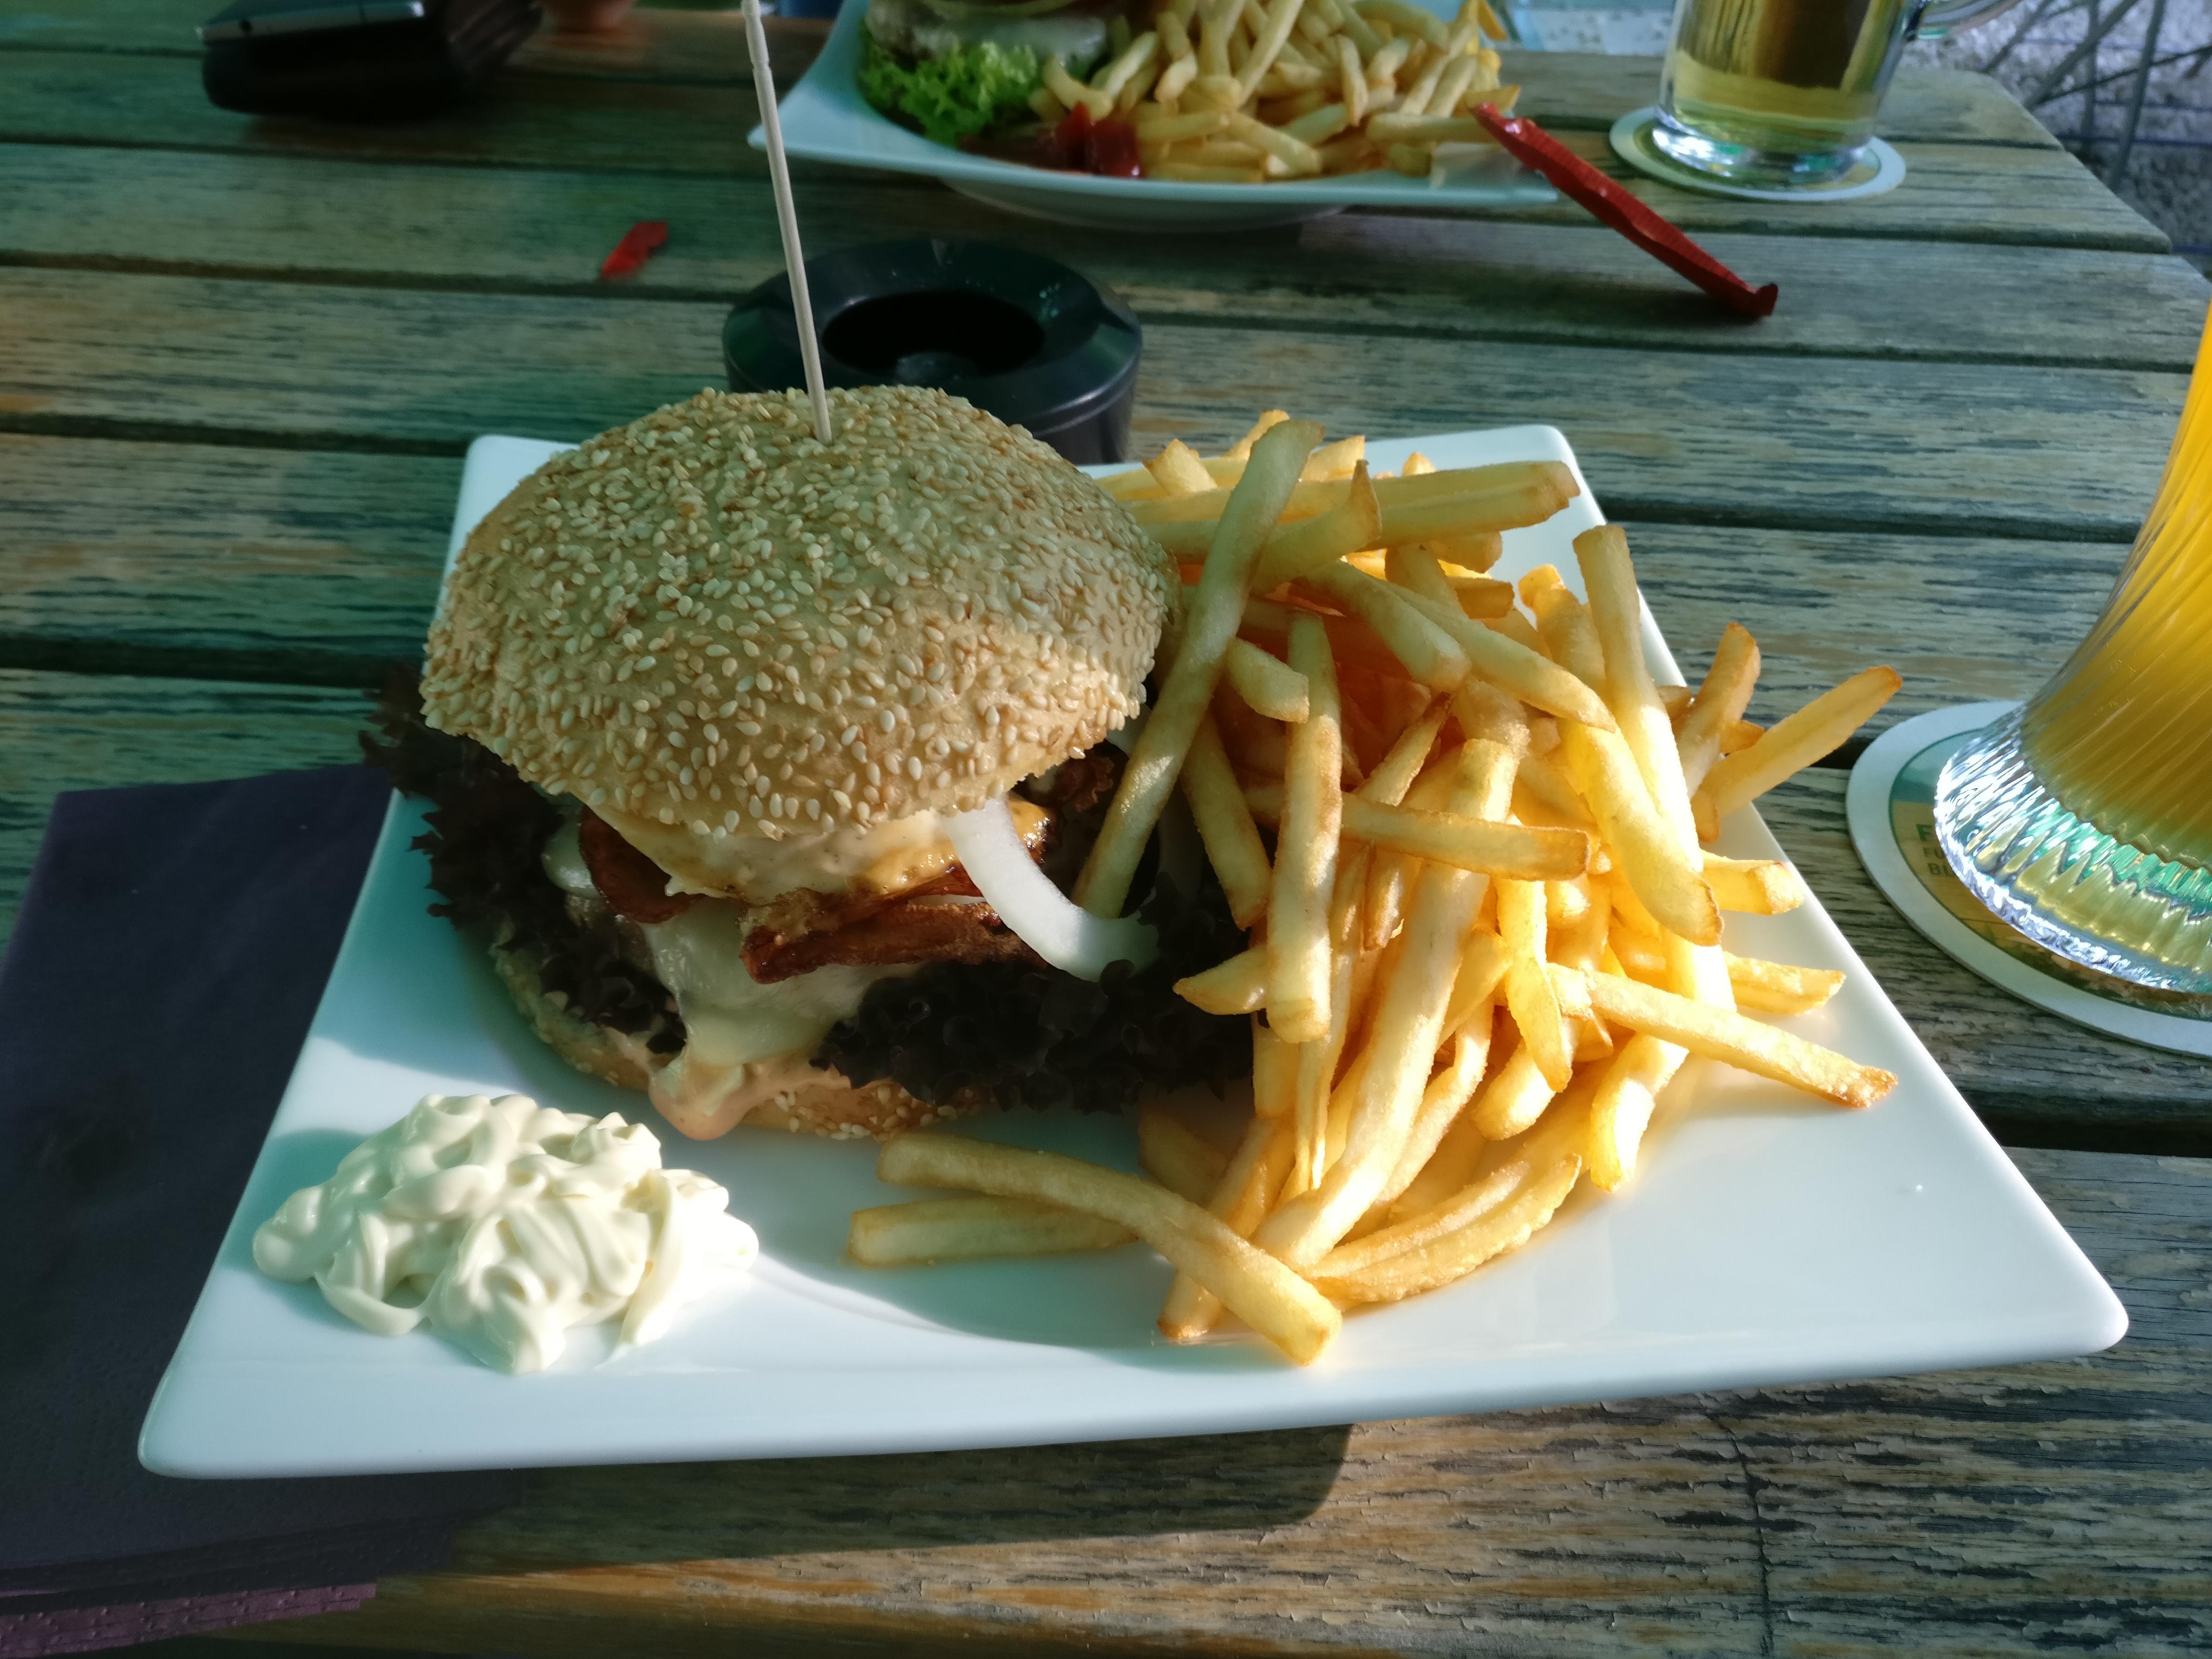 http://foodloader.net/nico_2017-05-26_cheeseburger-mit-spiegelei-bacon-und-pommes-frites.jpg